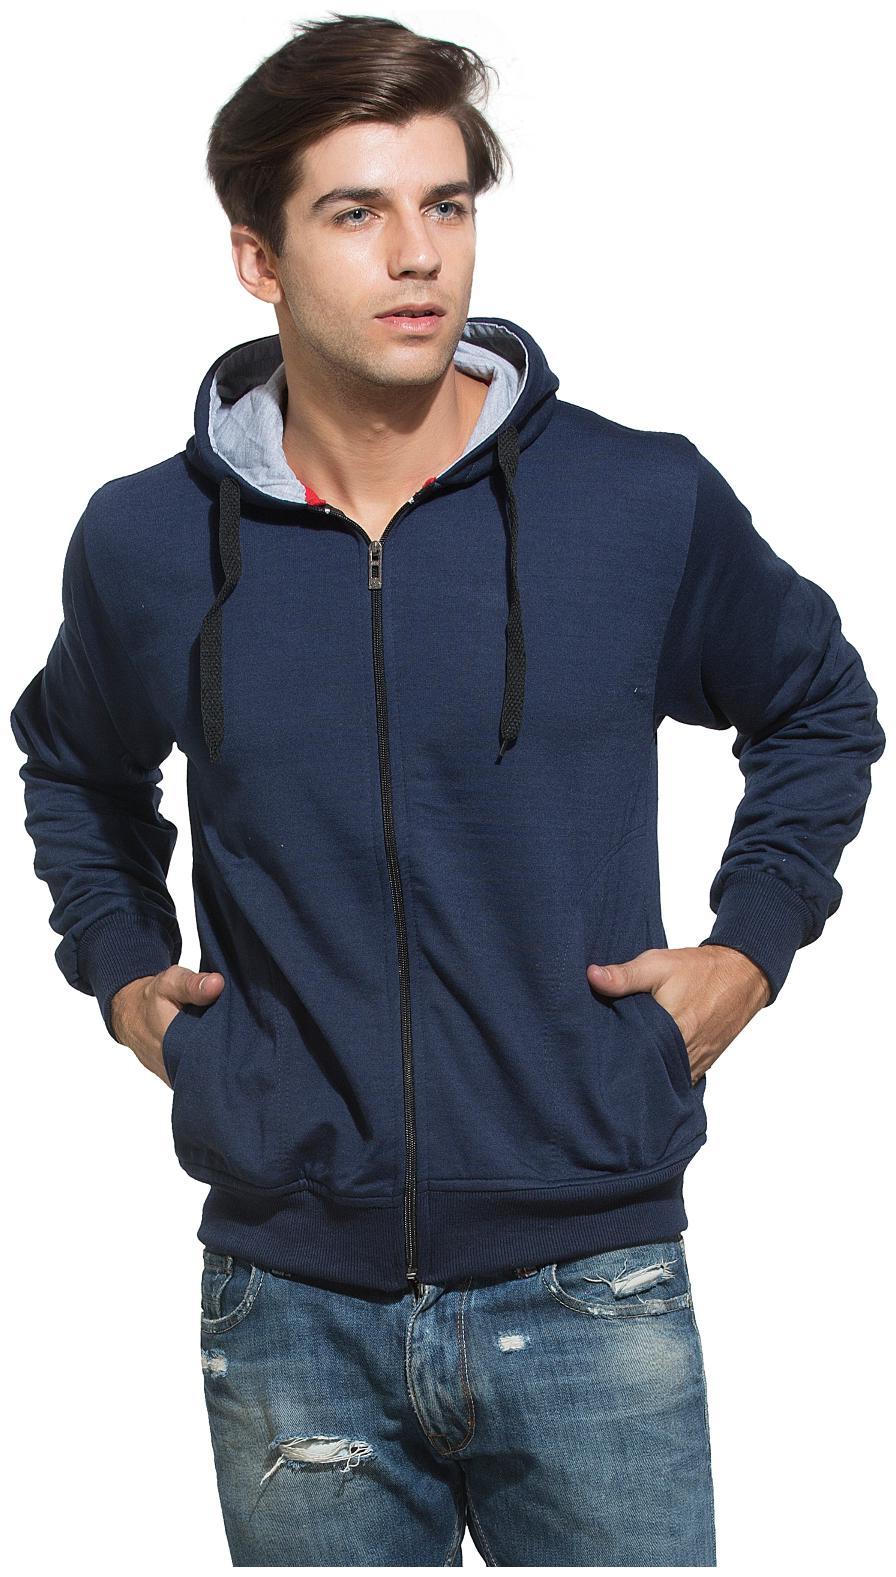 Alan Jones Solid Zipper Hooded Full Sleeve Navy Men's Sweatshirt by Alan Jones Clothing